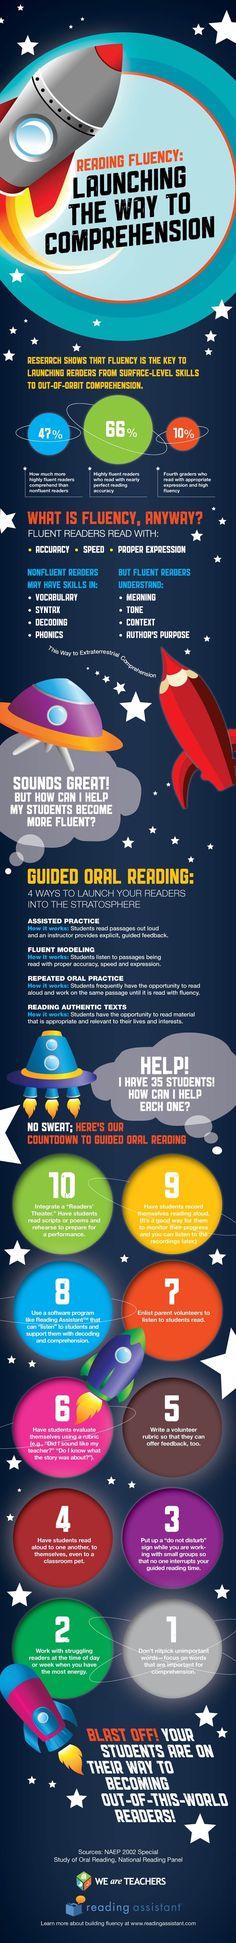 Tips-improving-reading-fluency-full-infographic